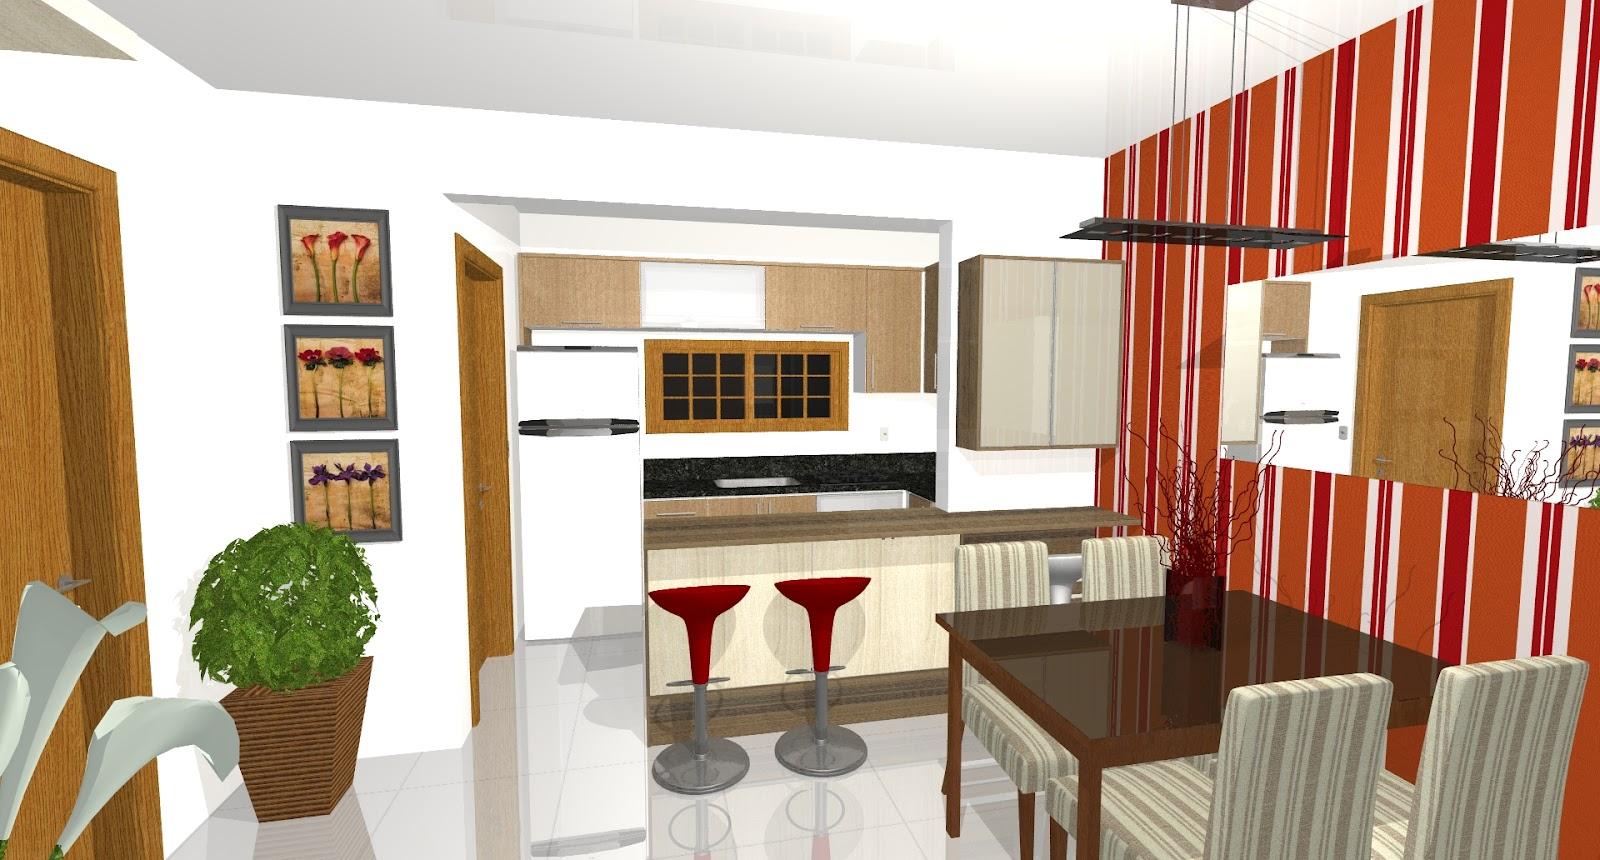 Ambientes planejados.: Cozinha Sala de Estar e Jantar. #AF401C 1600 860